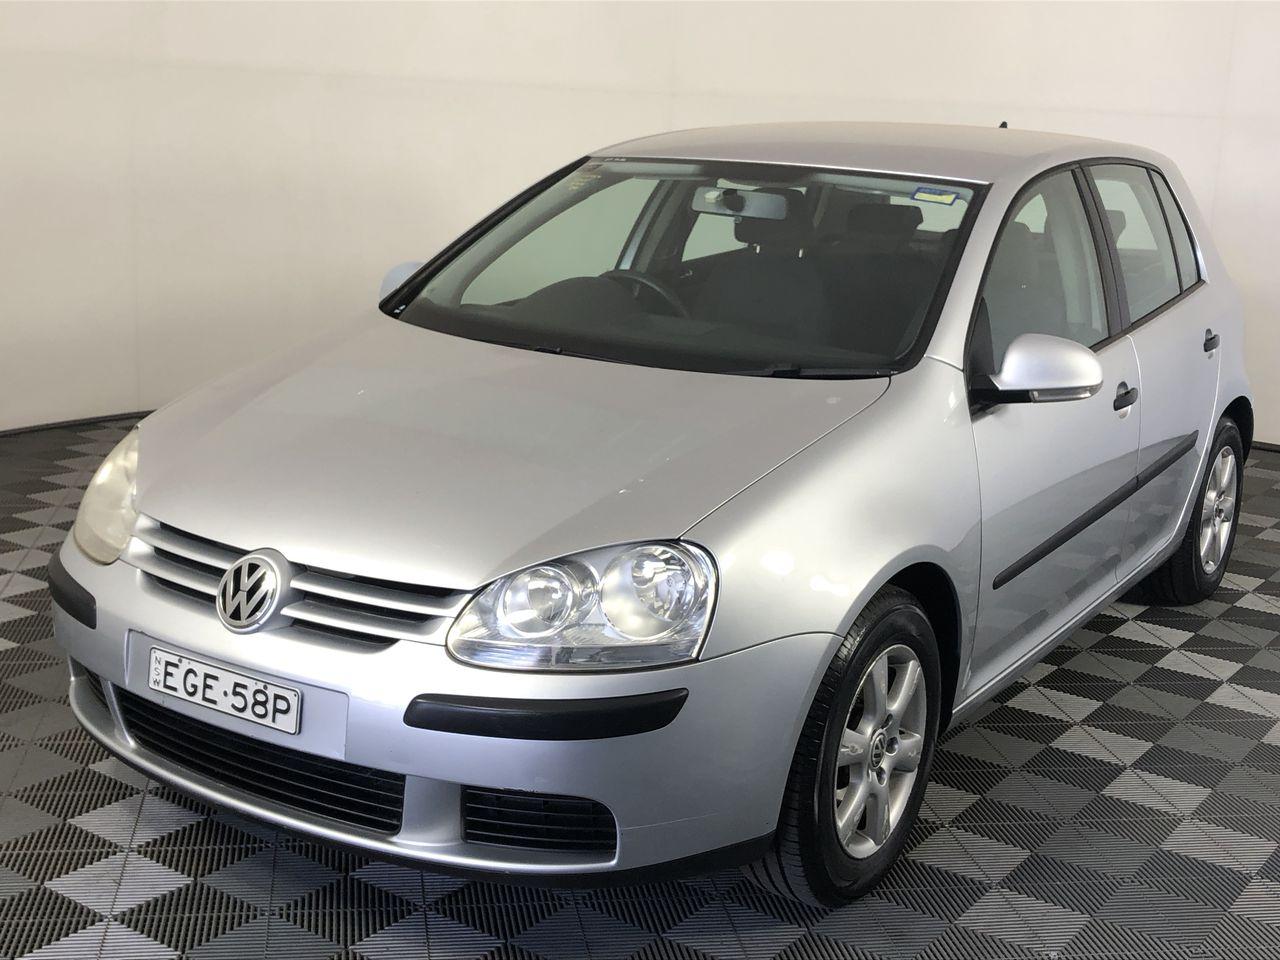 2007 Volkswagen Golf 1.6 Trendline 1k Automatic Hatchback